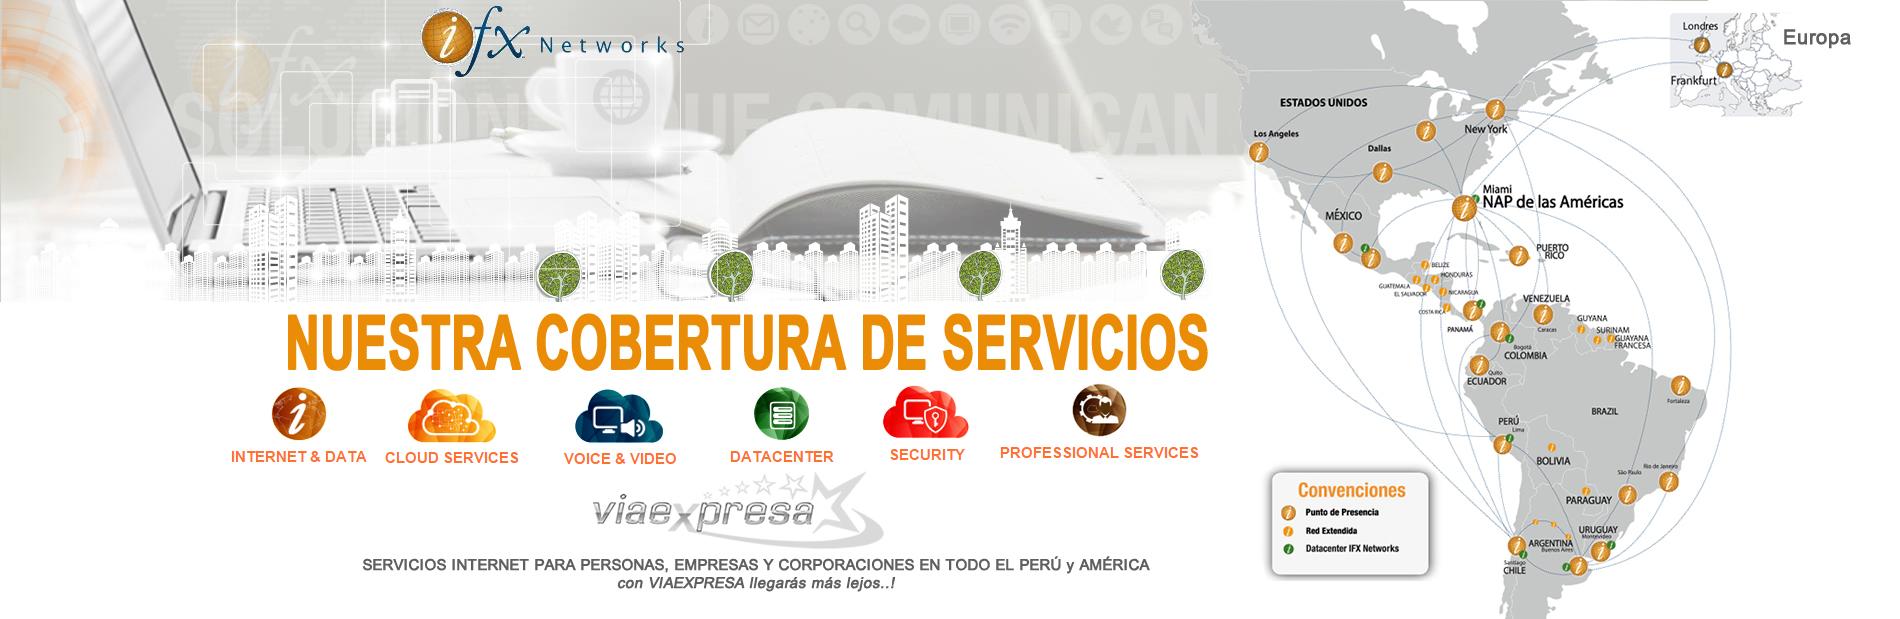 Nuevos Servicios de Internet en Perú VIA EXPRESA NETWORKS(Perú) – IFX NETWORKS(EEUU)